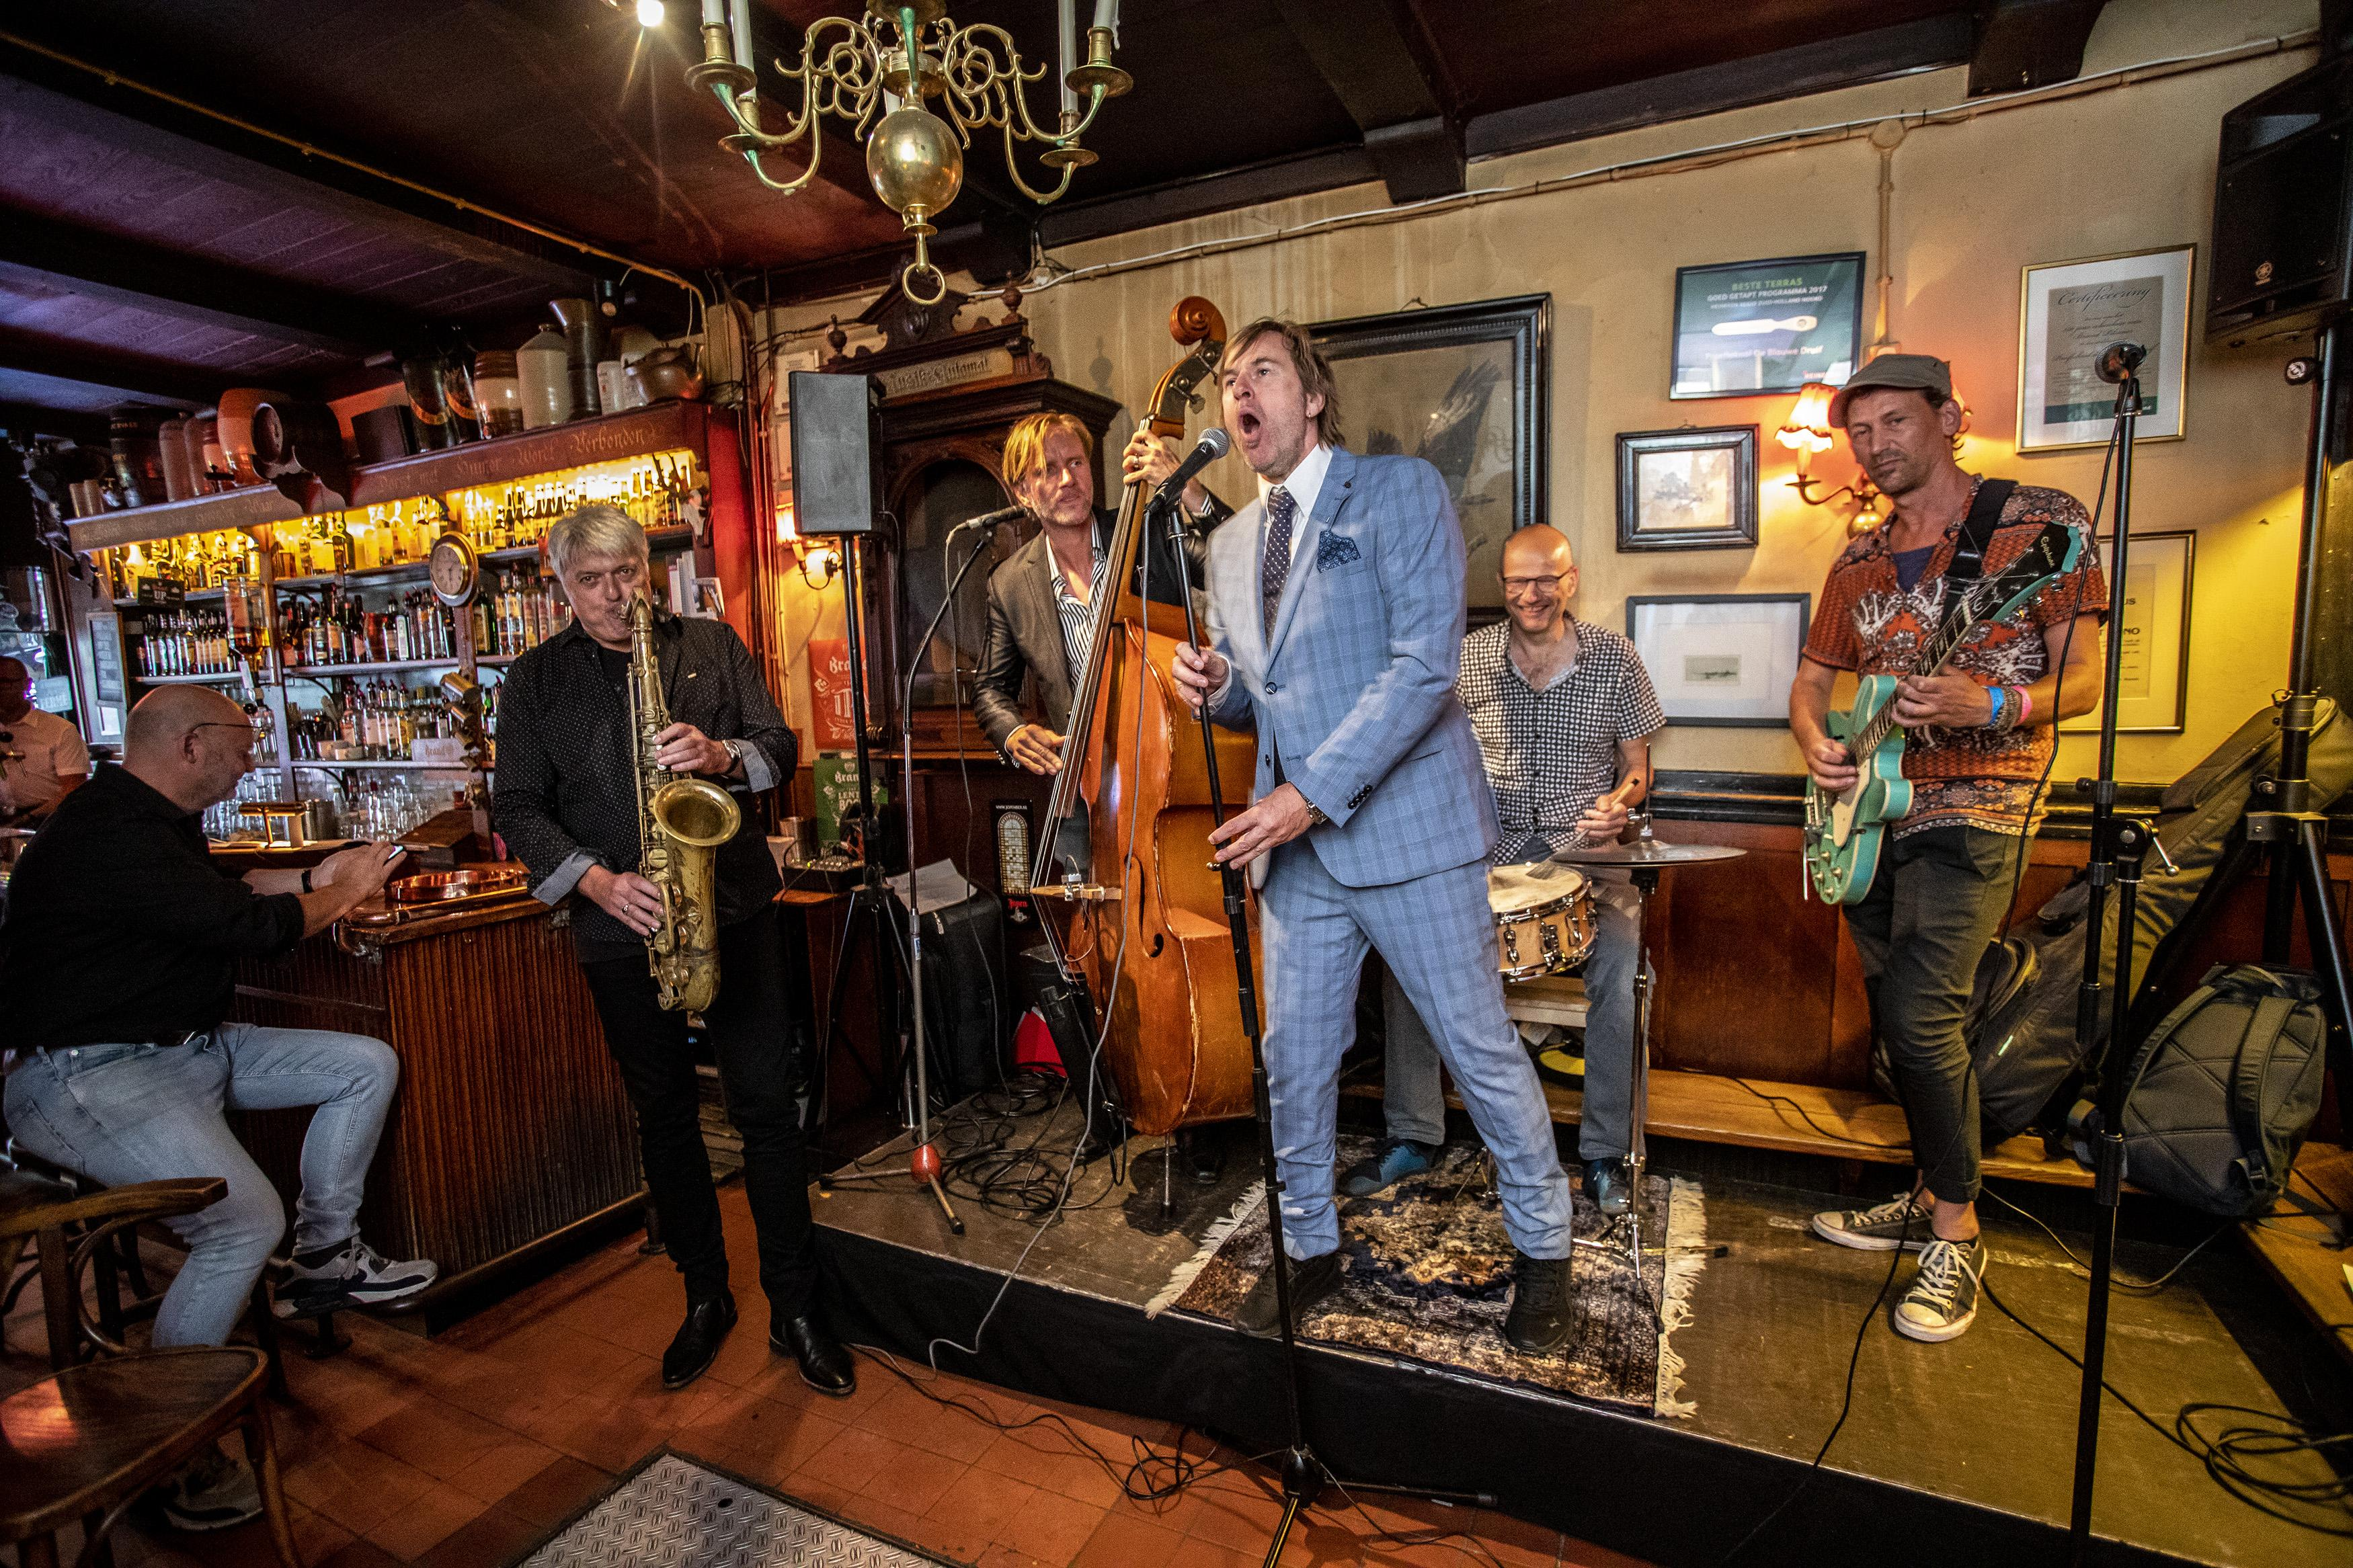 Ook café-jazz in Haarlem dit jaar anders: 'Juist in zo'n intieme setting komt de muziek helemaal tot zijn recht'